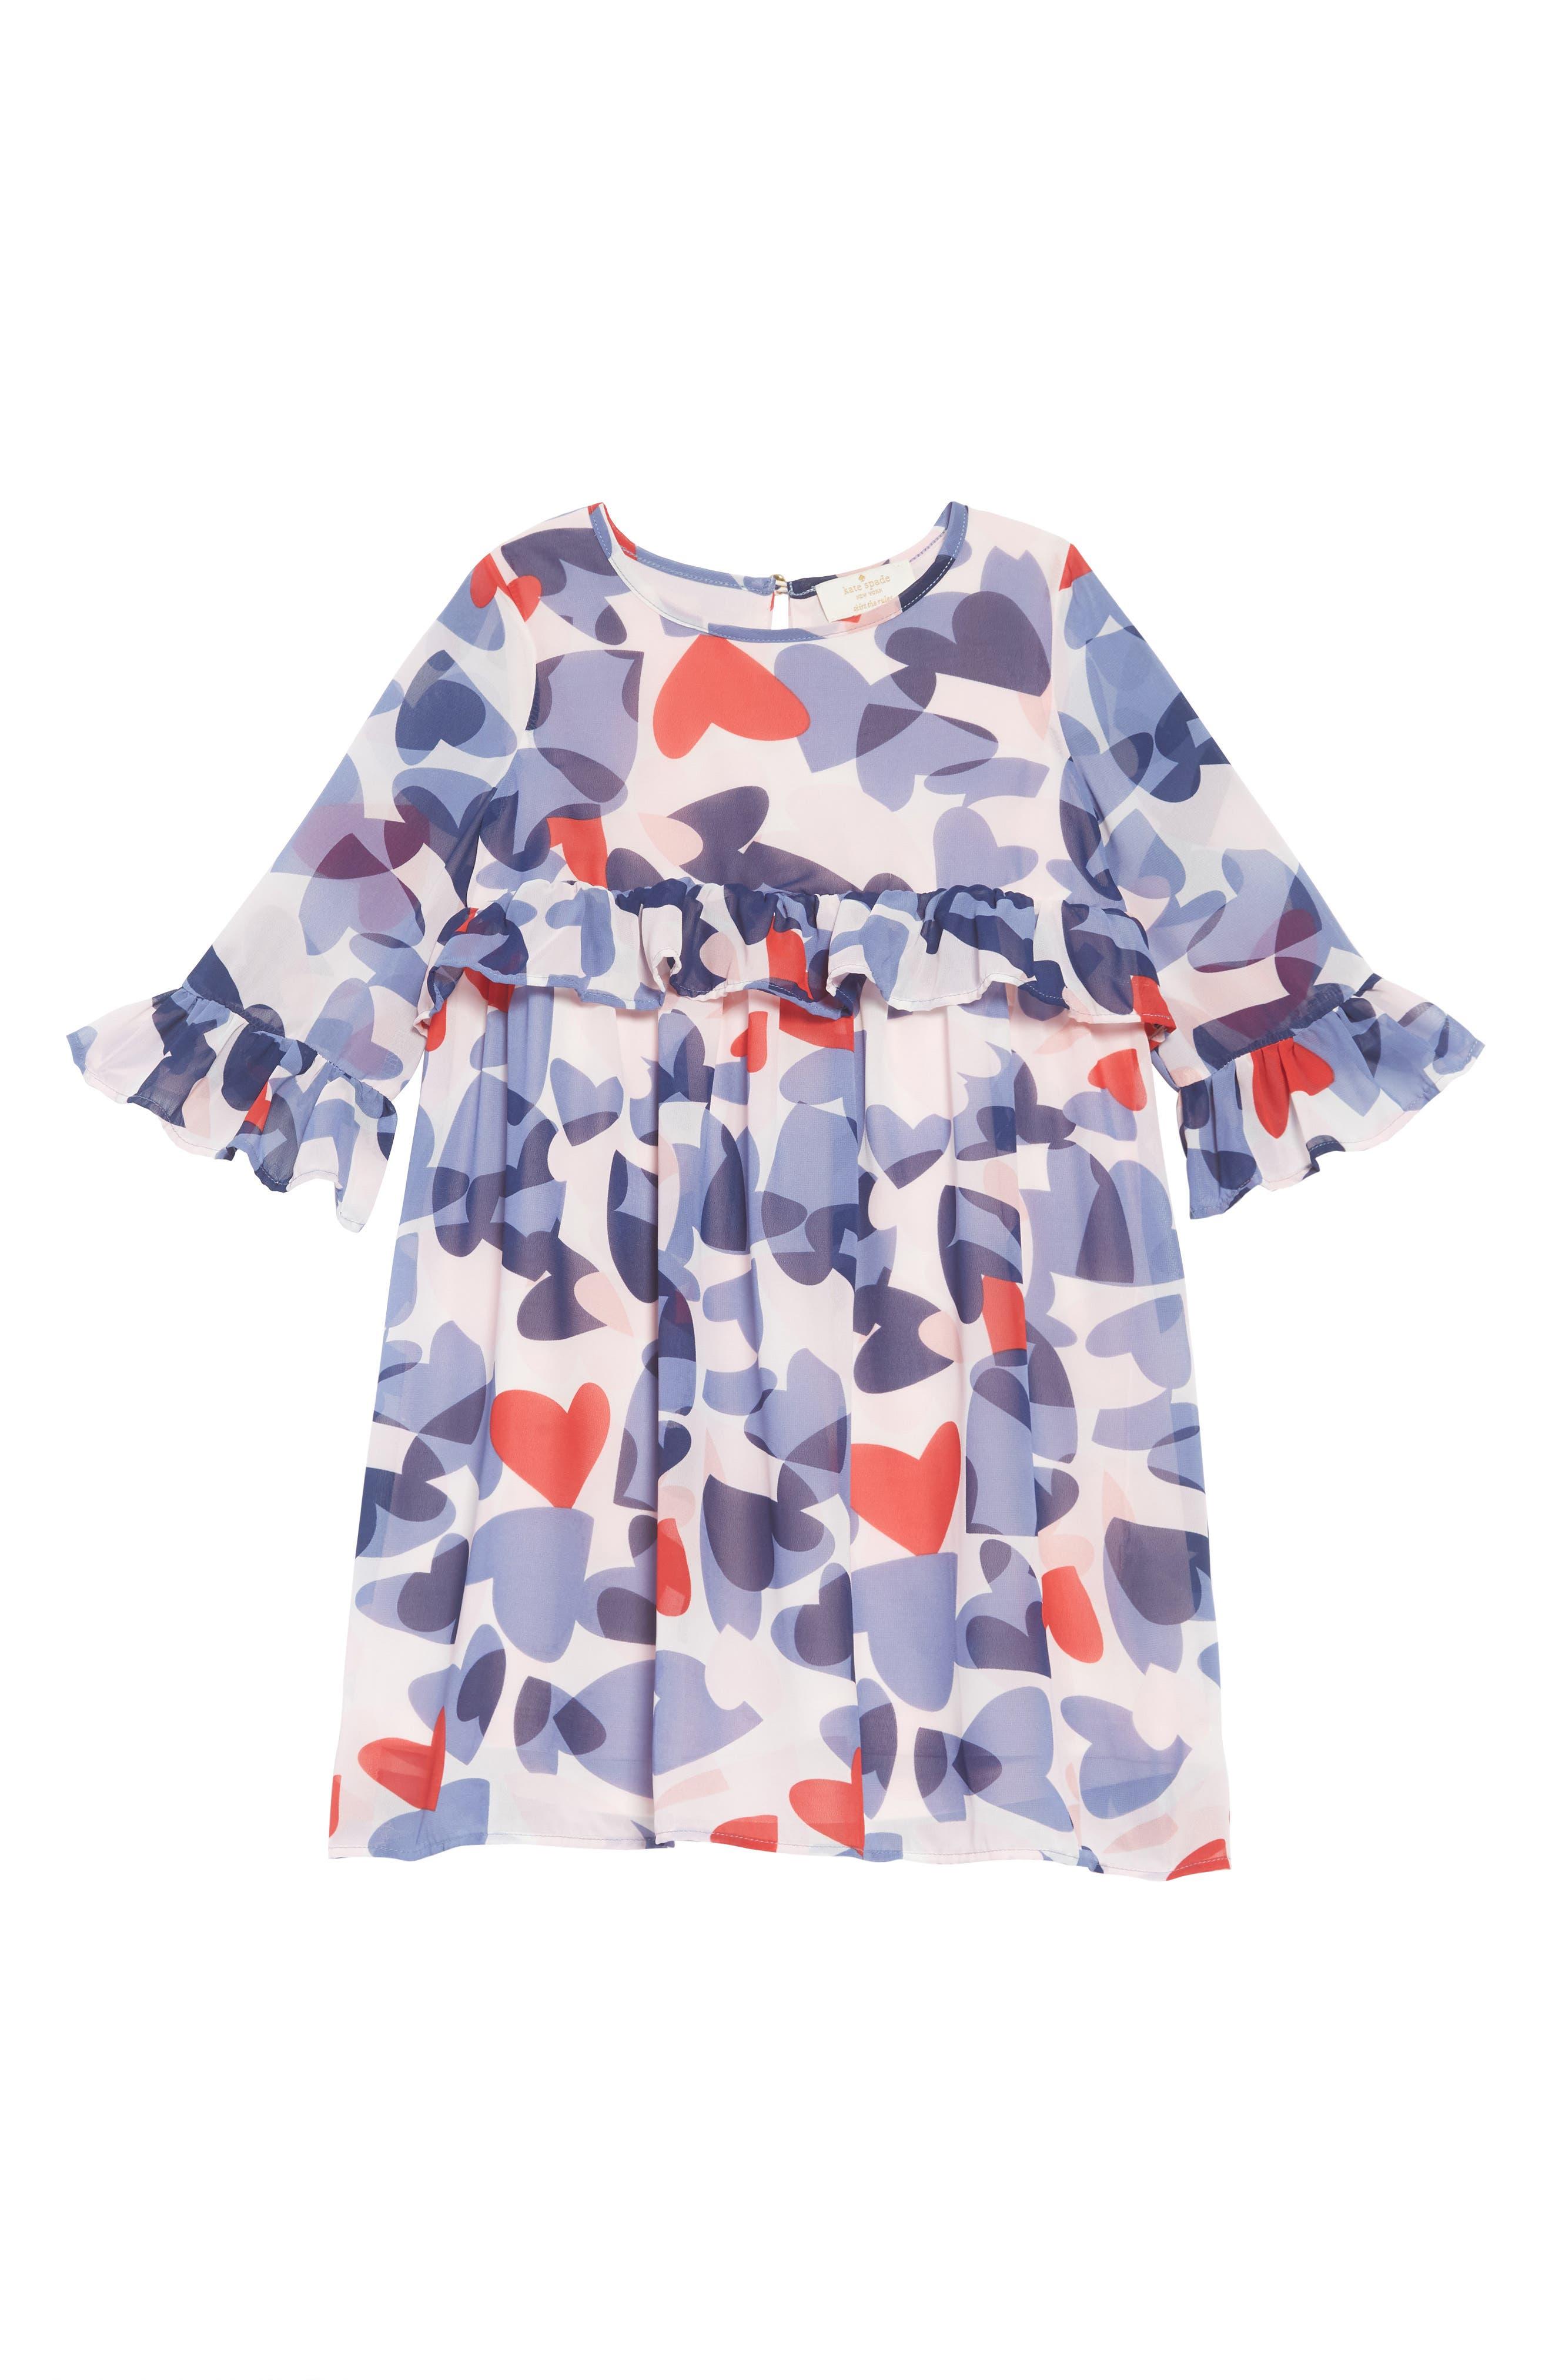 confetti hearts dress,                         Main,                         color, CONFETTI HEARTS